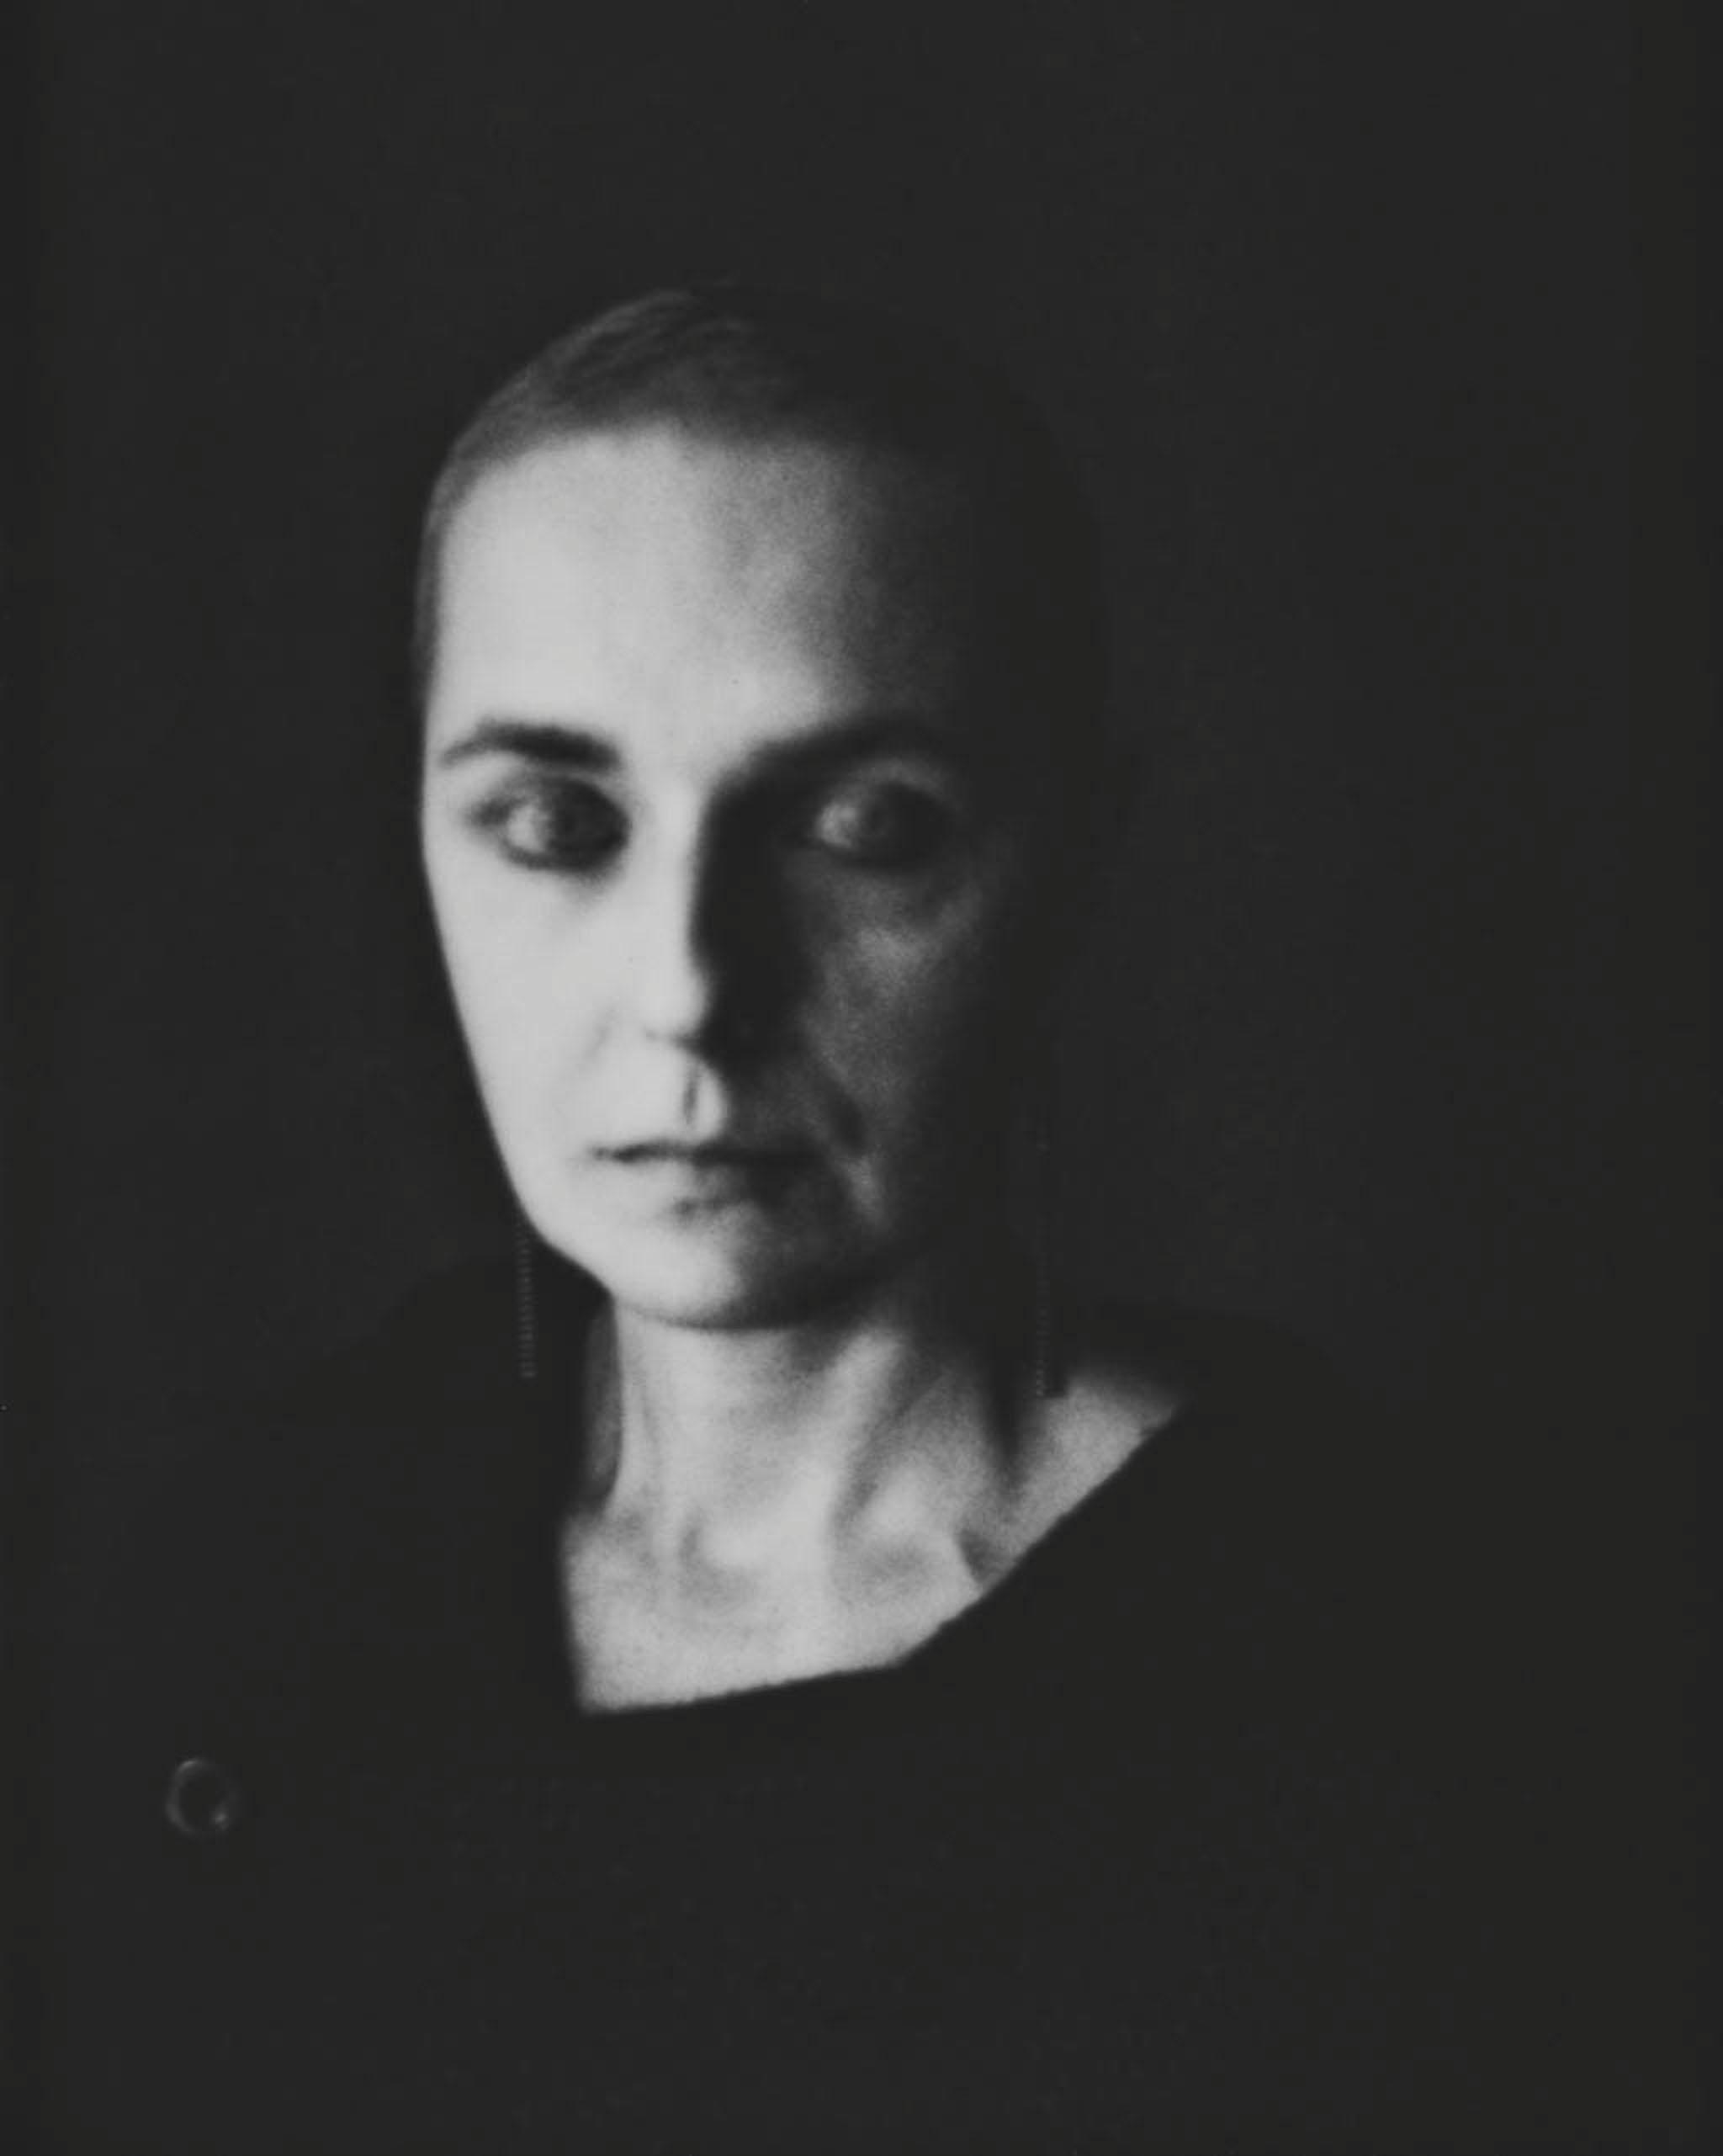 HUECKEL MAGDA ARTIST